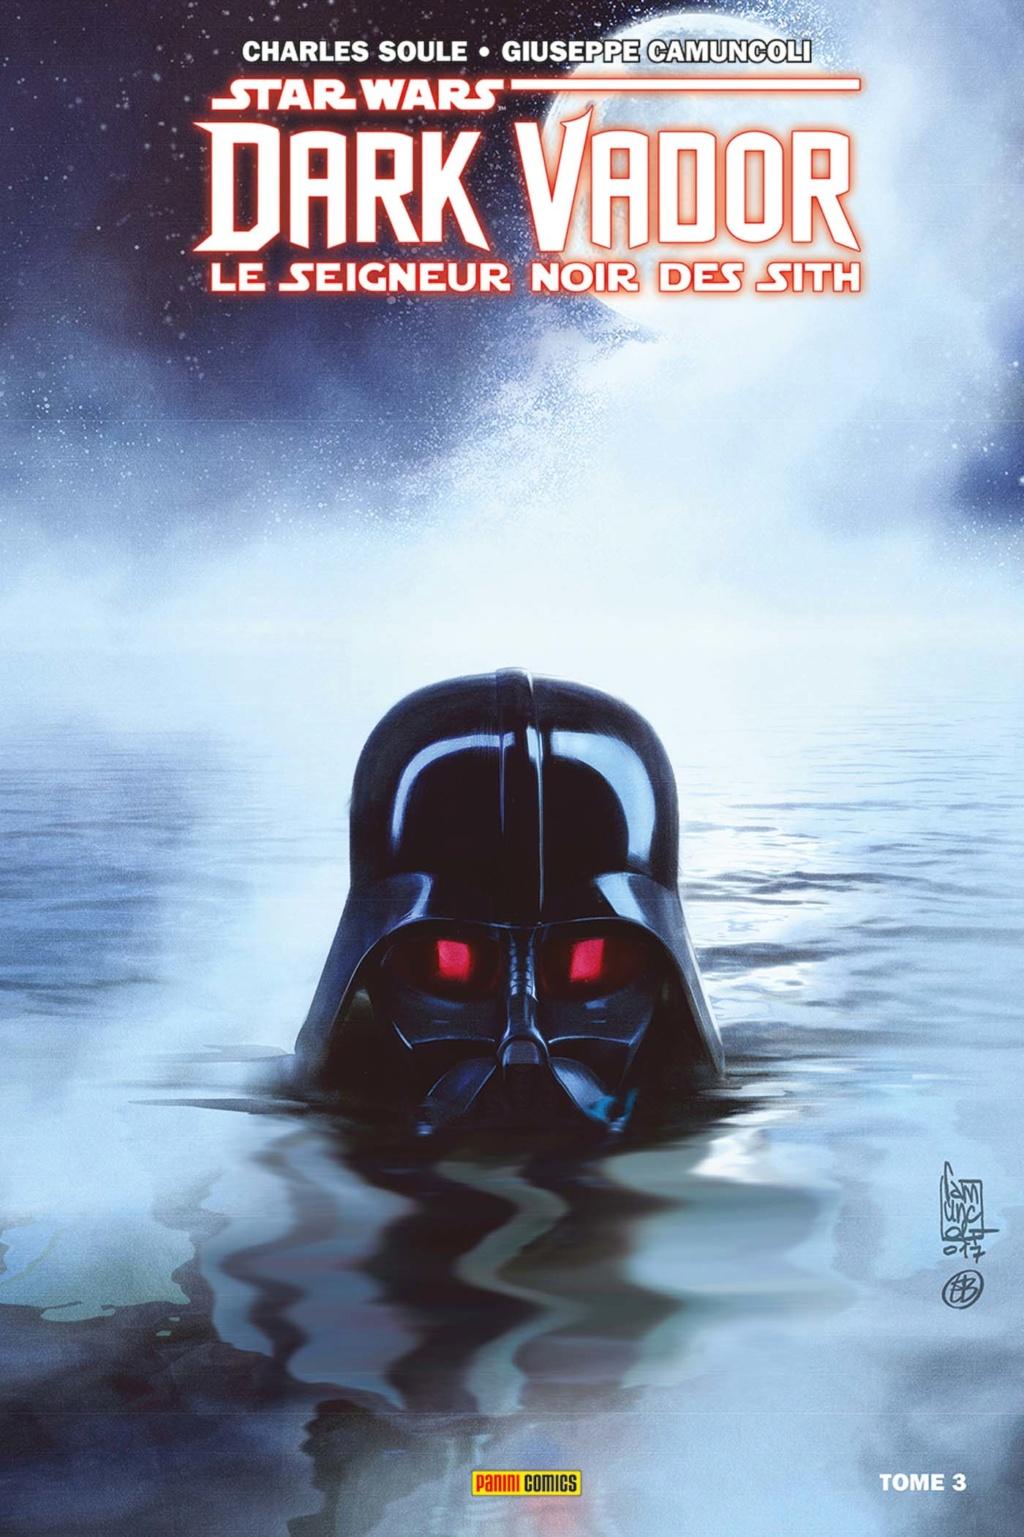 STAR WARS Dark Vador - Le Seigneur noir des Sith Tome 3  97828013